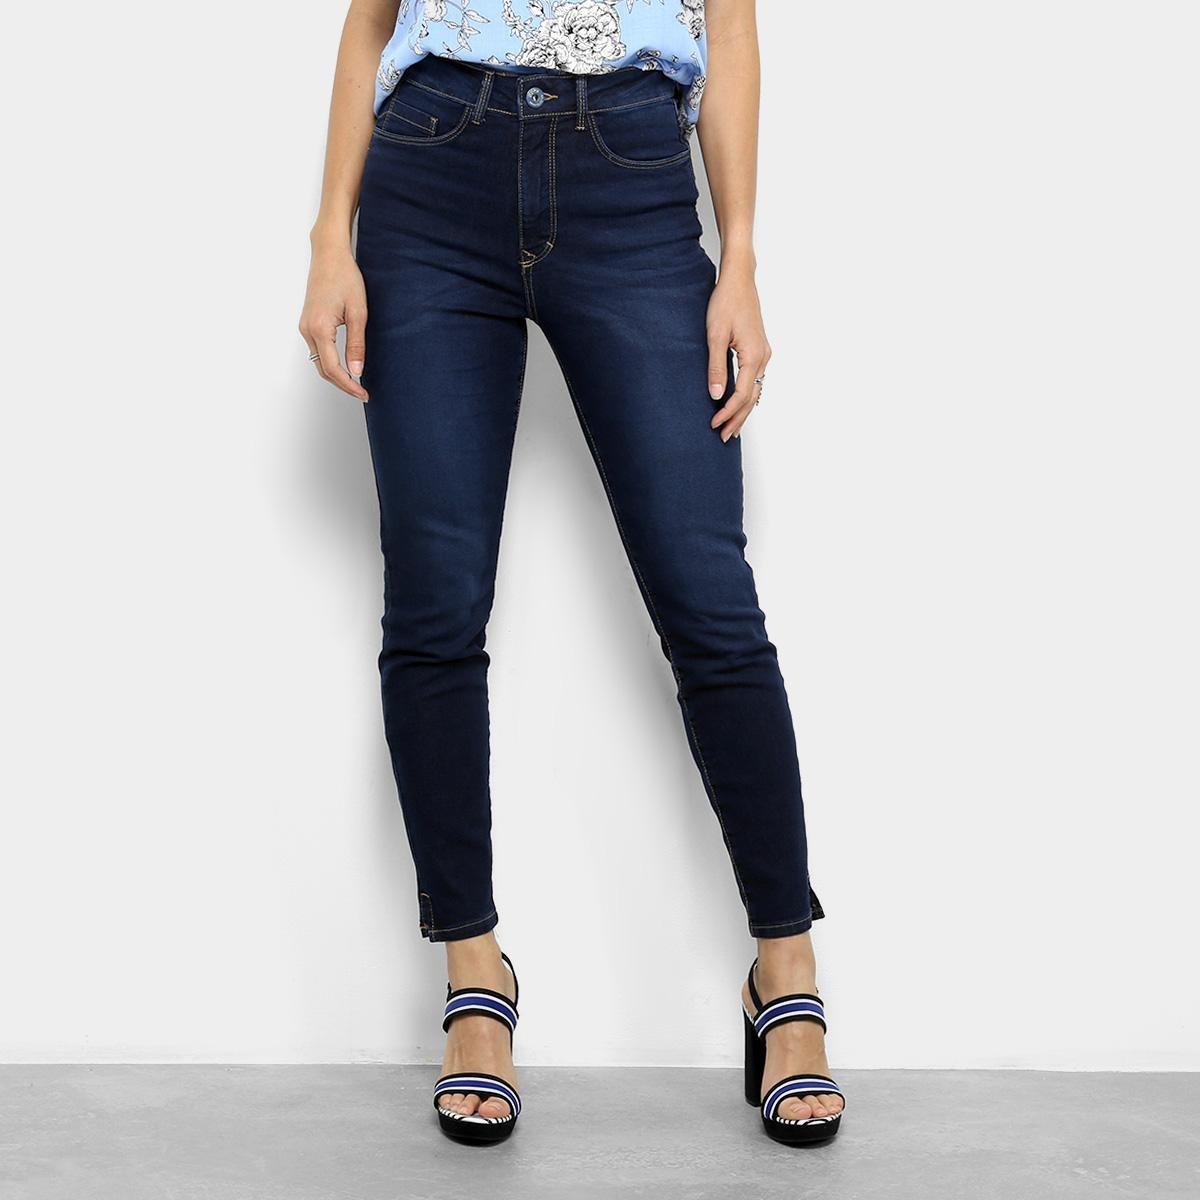 6bf26e7be calça jeans skinny lez a lez estonada cintura média feminina. Carregando  zoom.